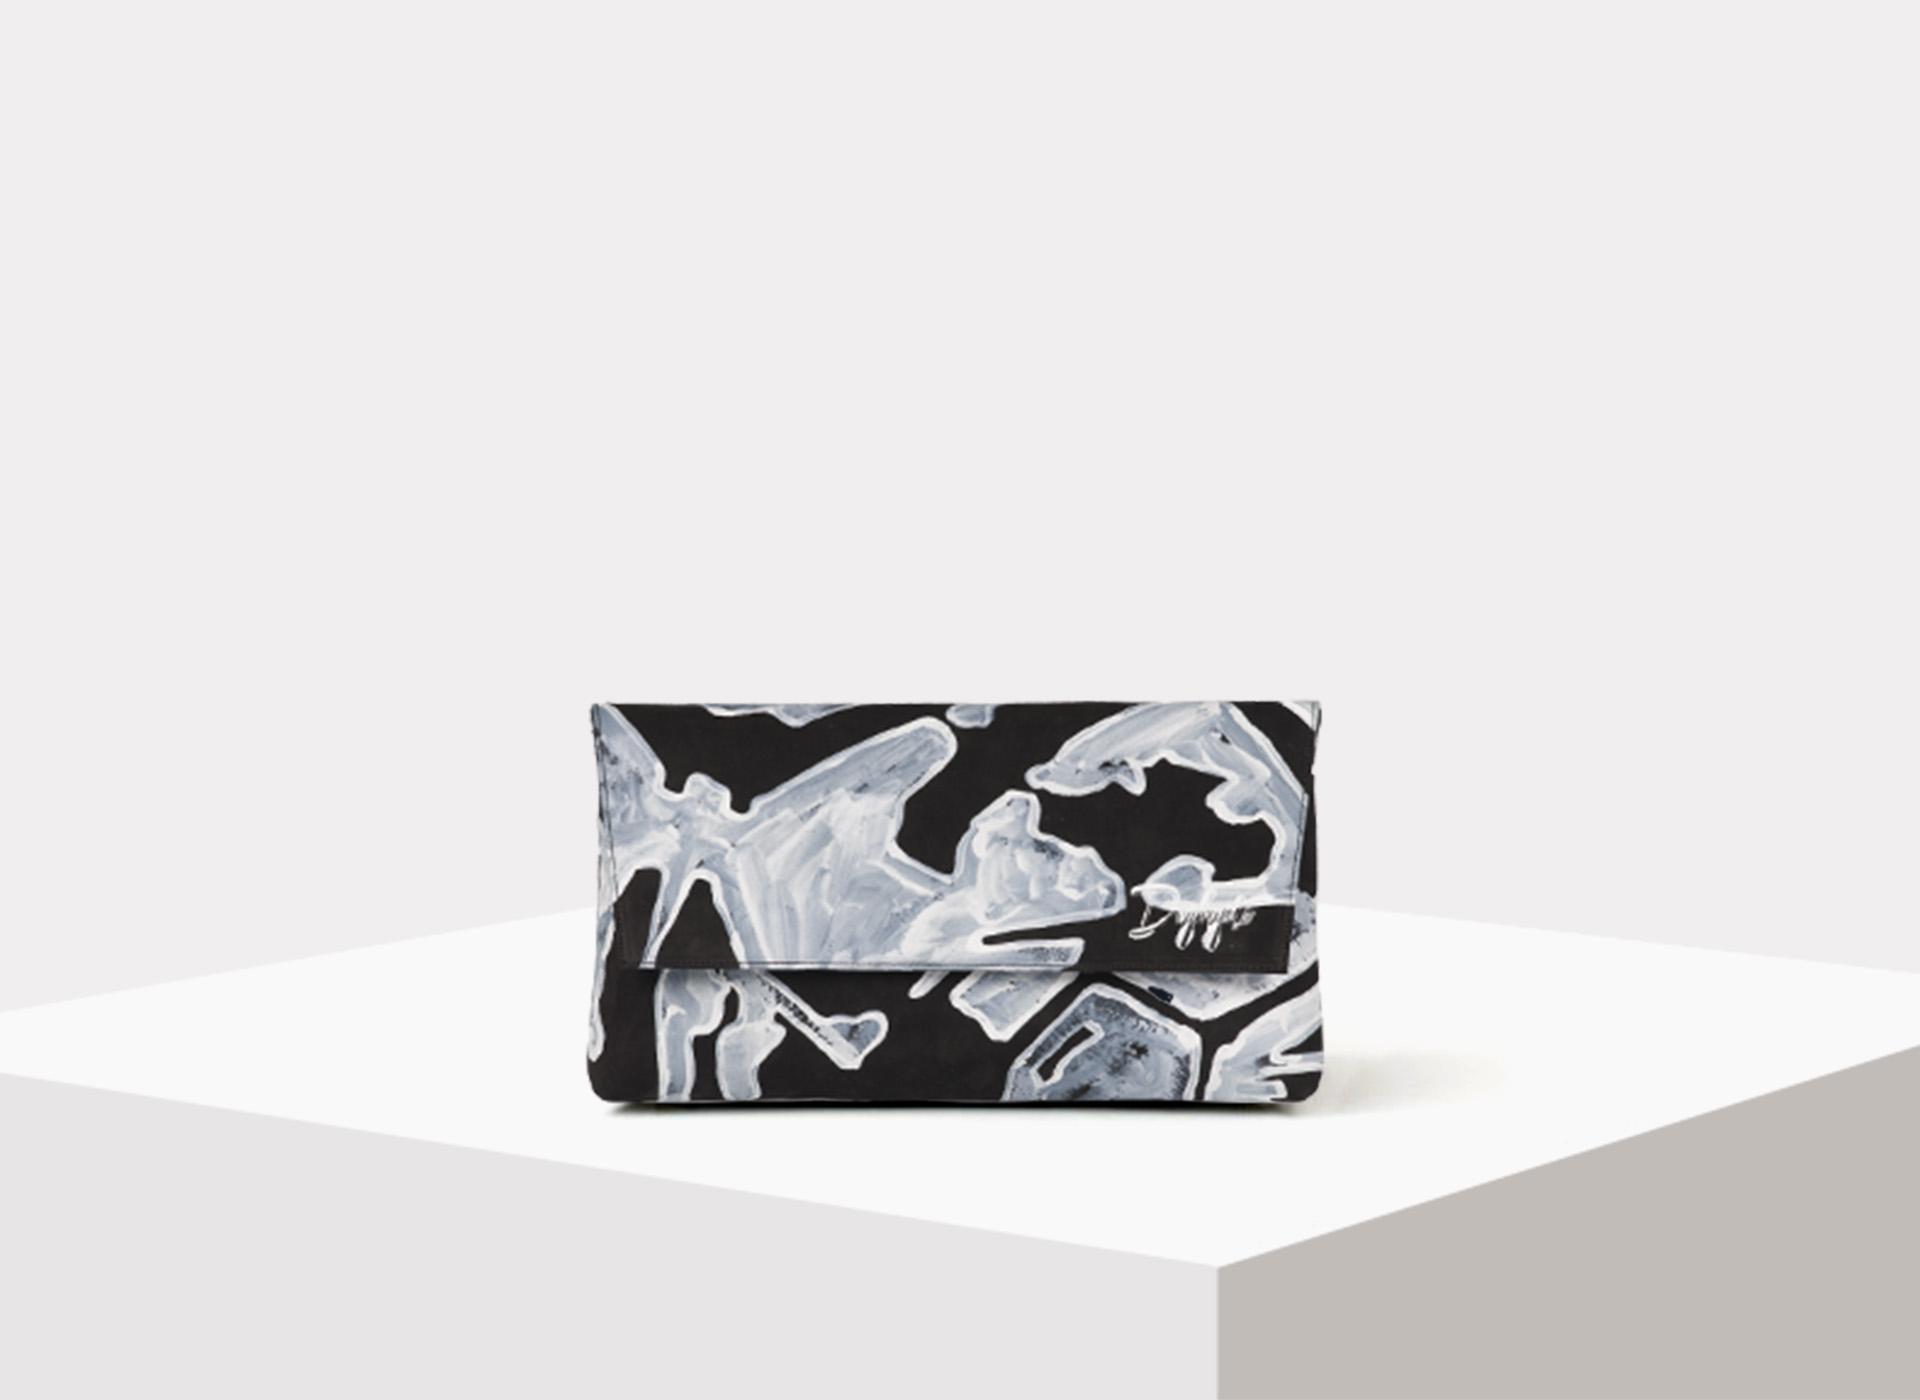 Bonsai 50250256 - Deglupta